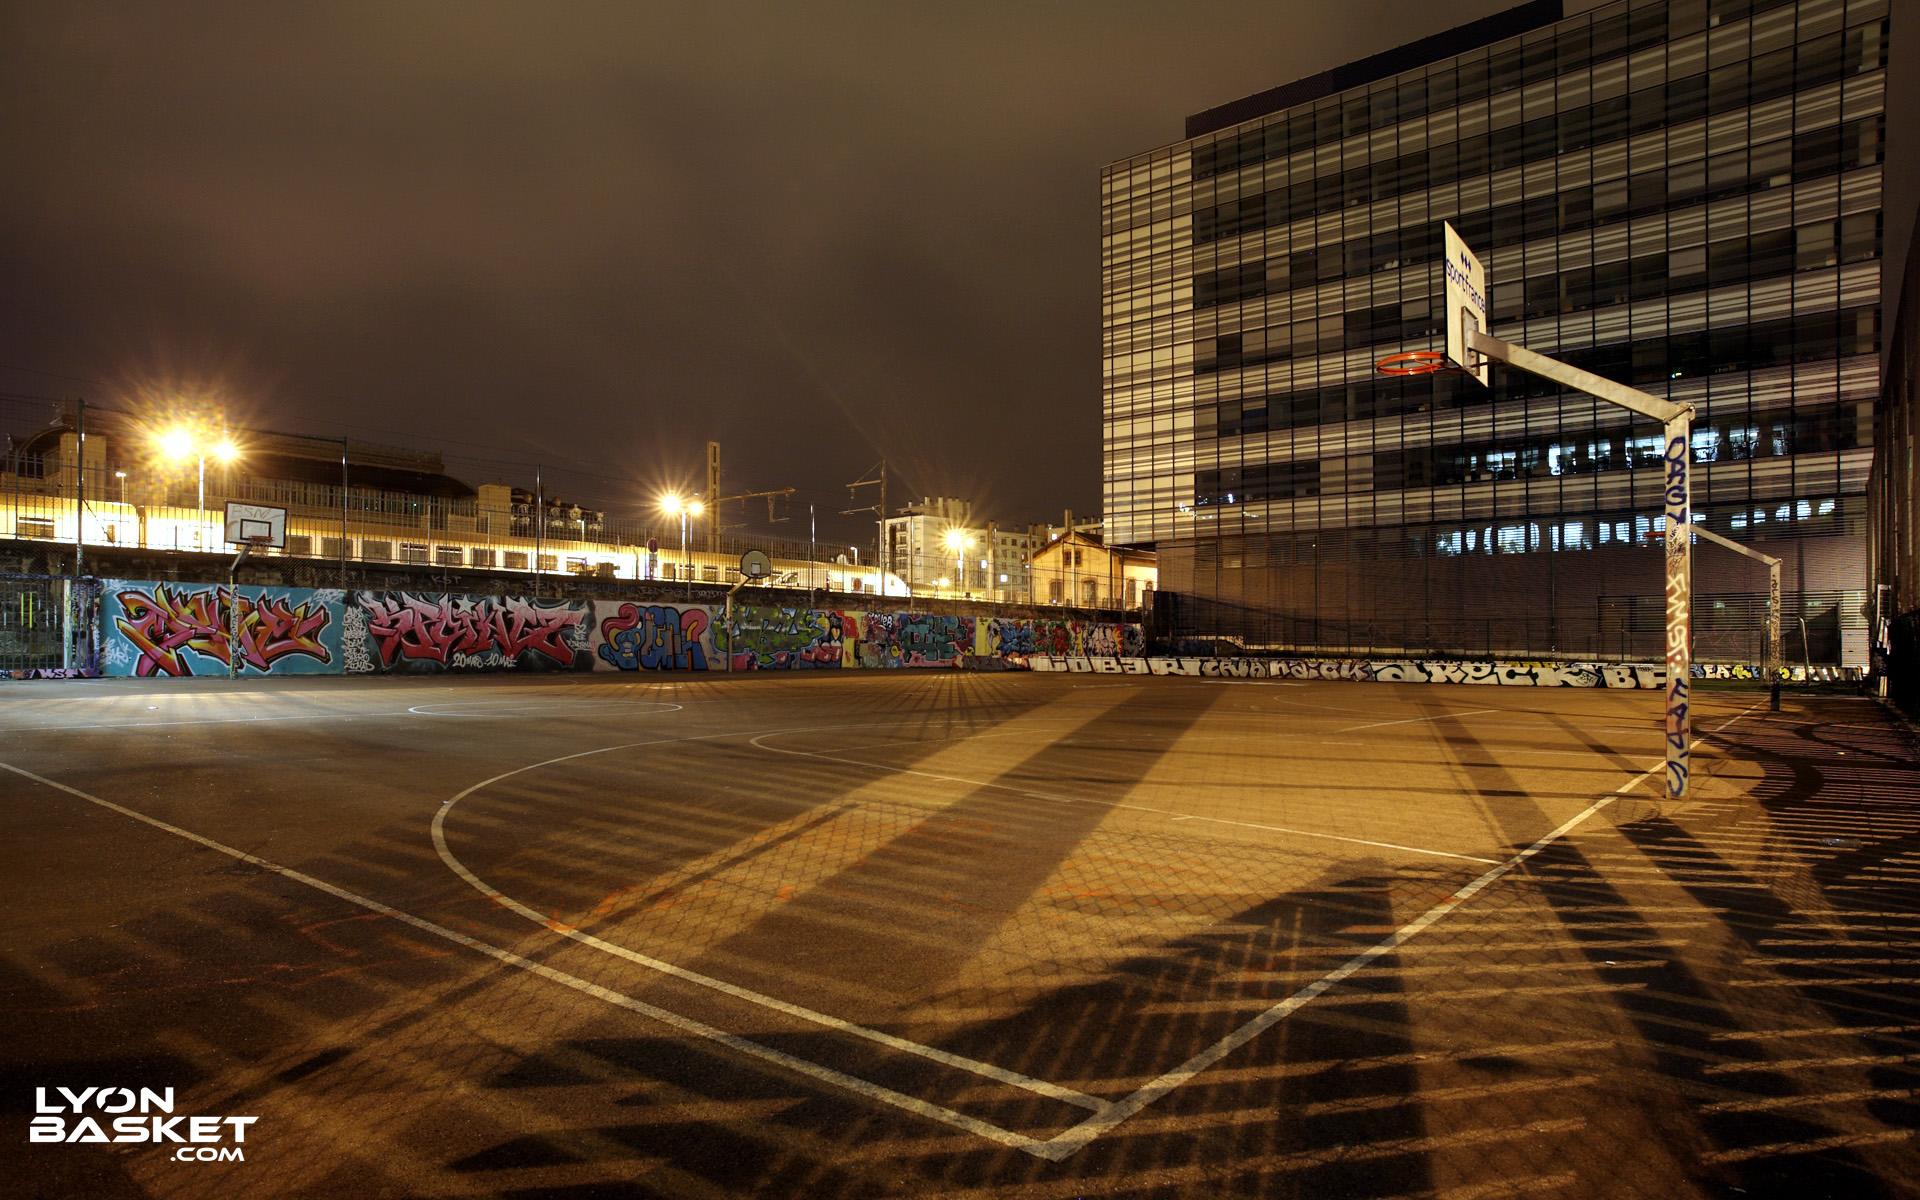 Terrains de street lyon basket site du basketball lyon for Terrain lyon